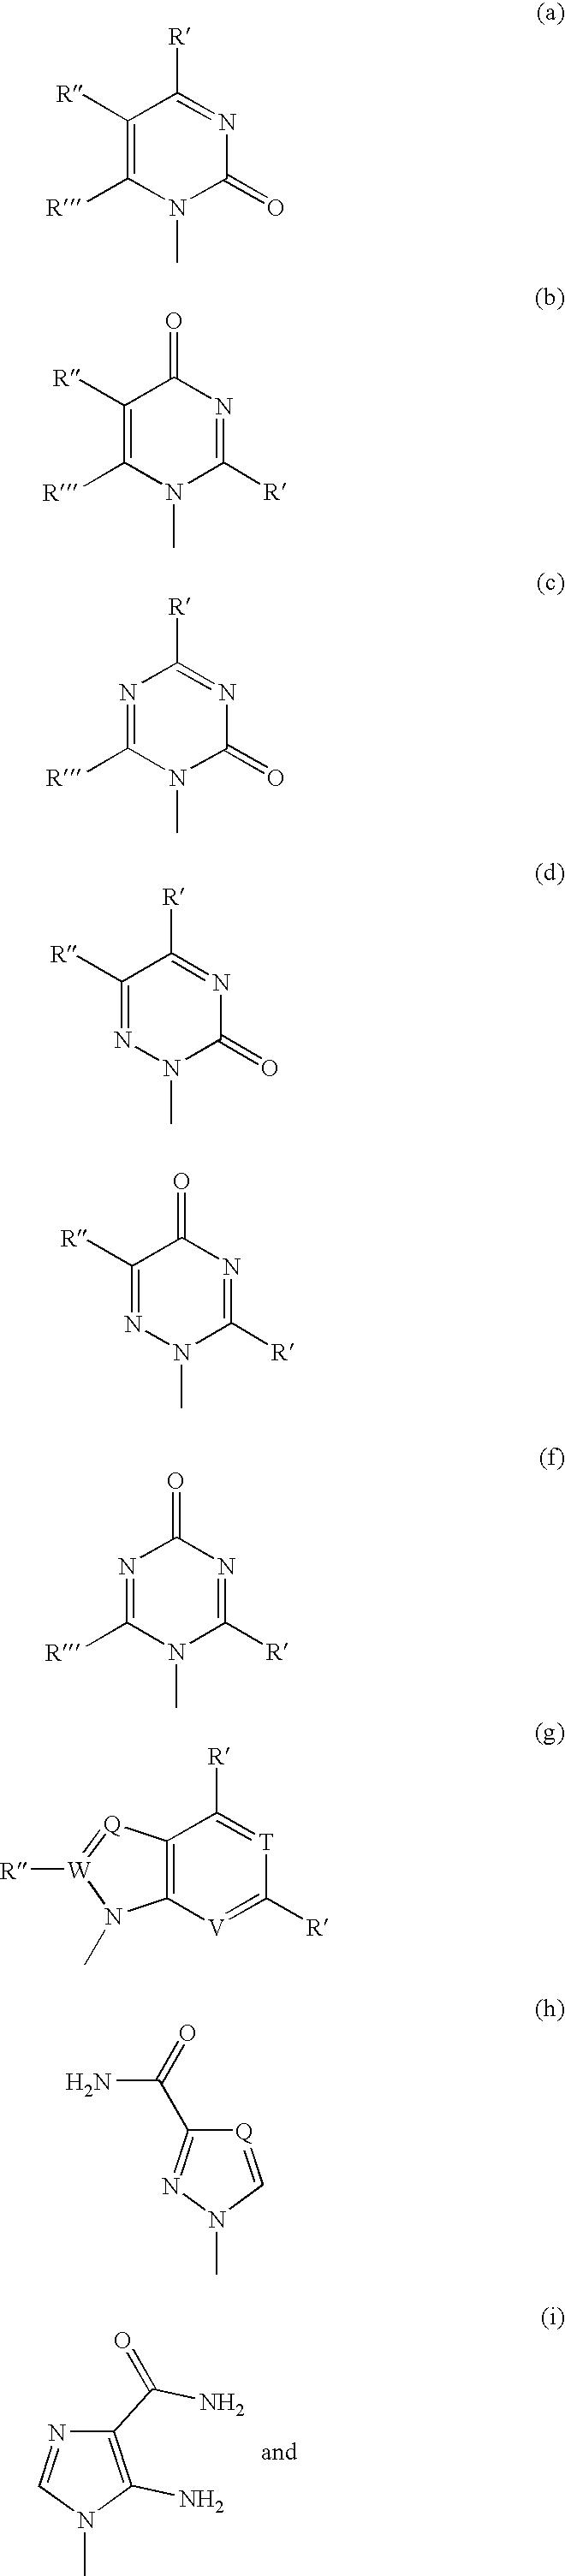 Figure US07608600-20091027-C00057